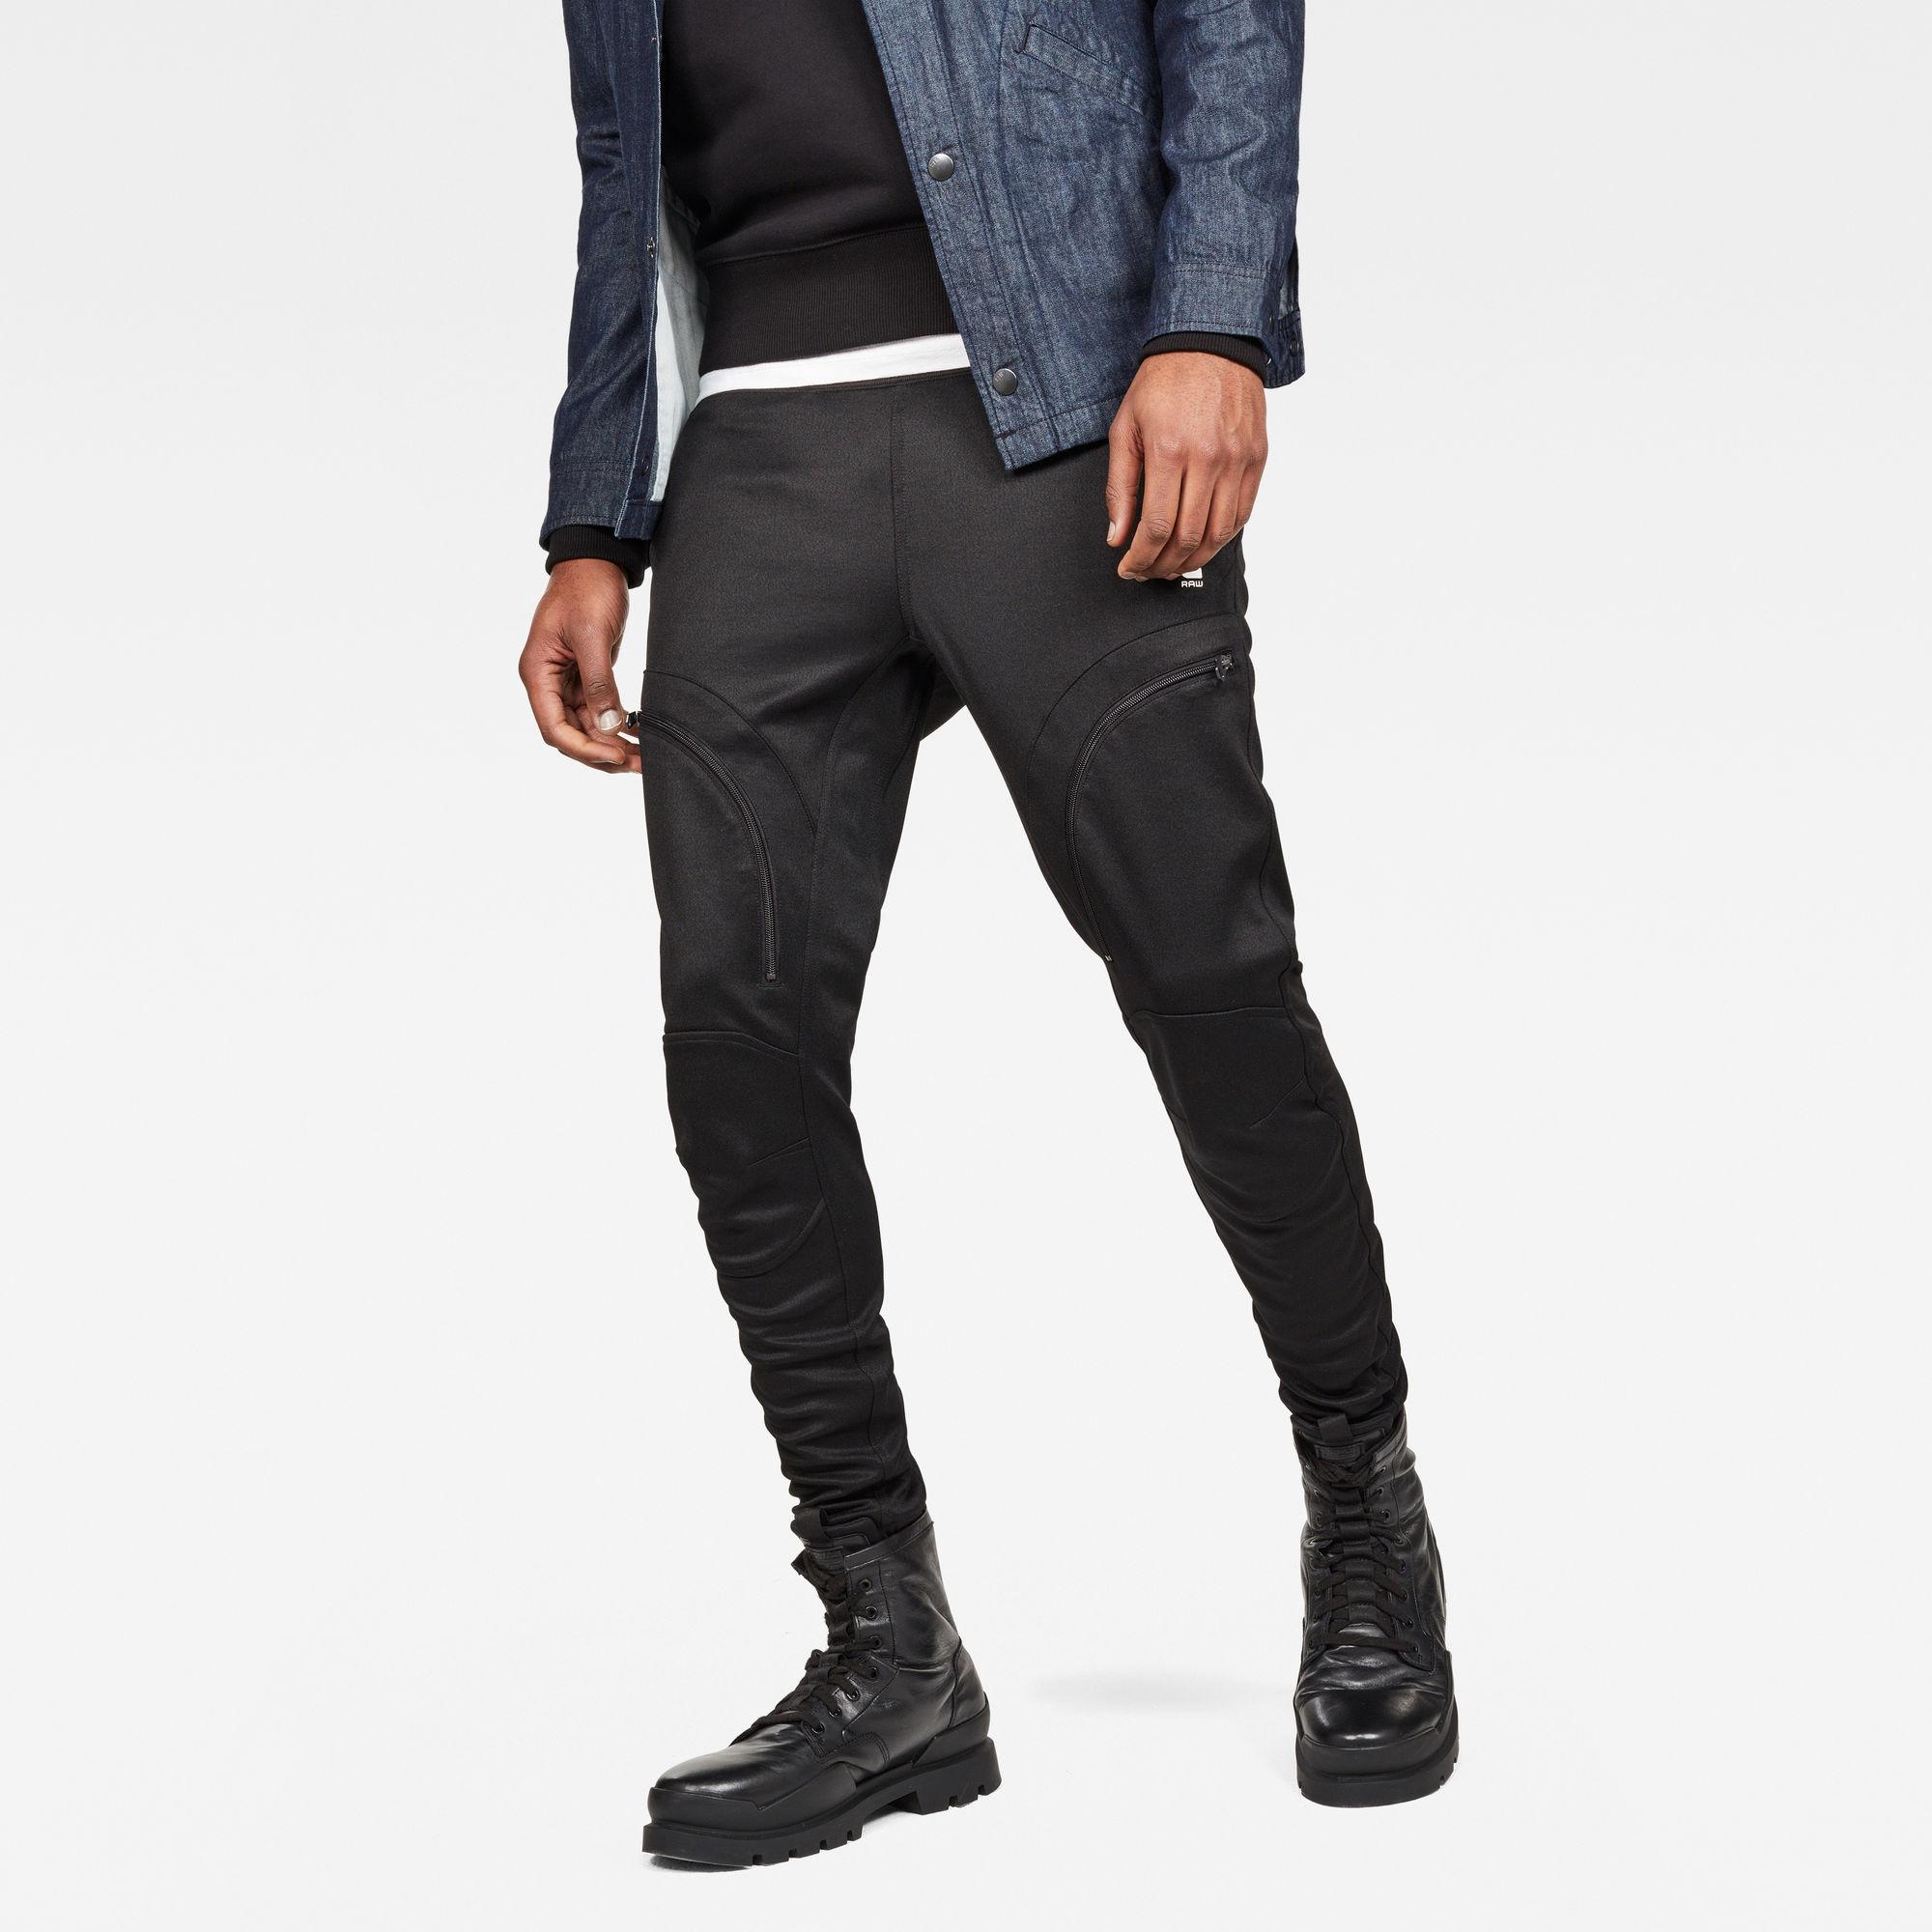 Image of G Star Raw Air Defence Zip 3D Slim Sweatpants